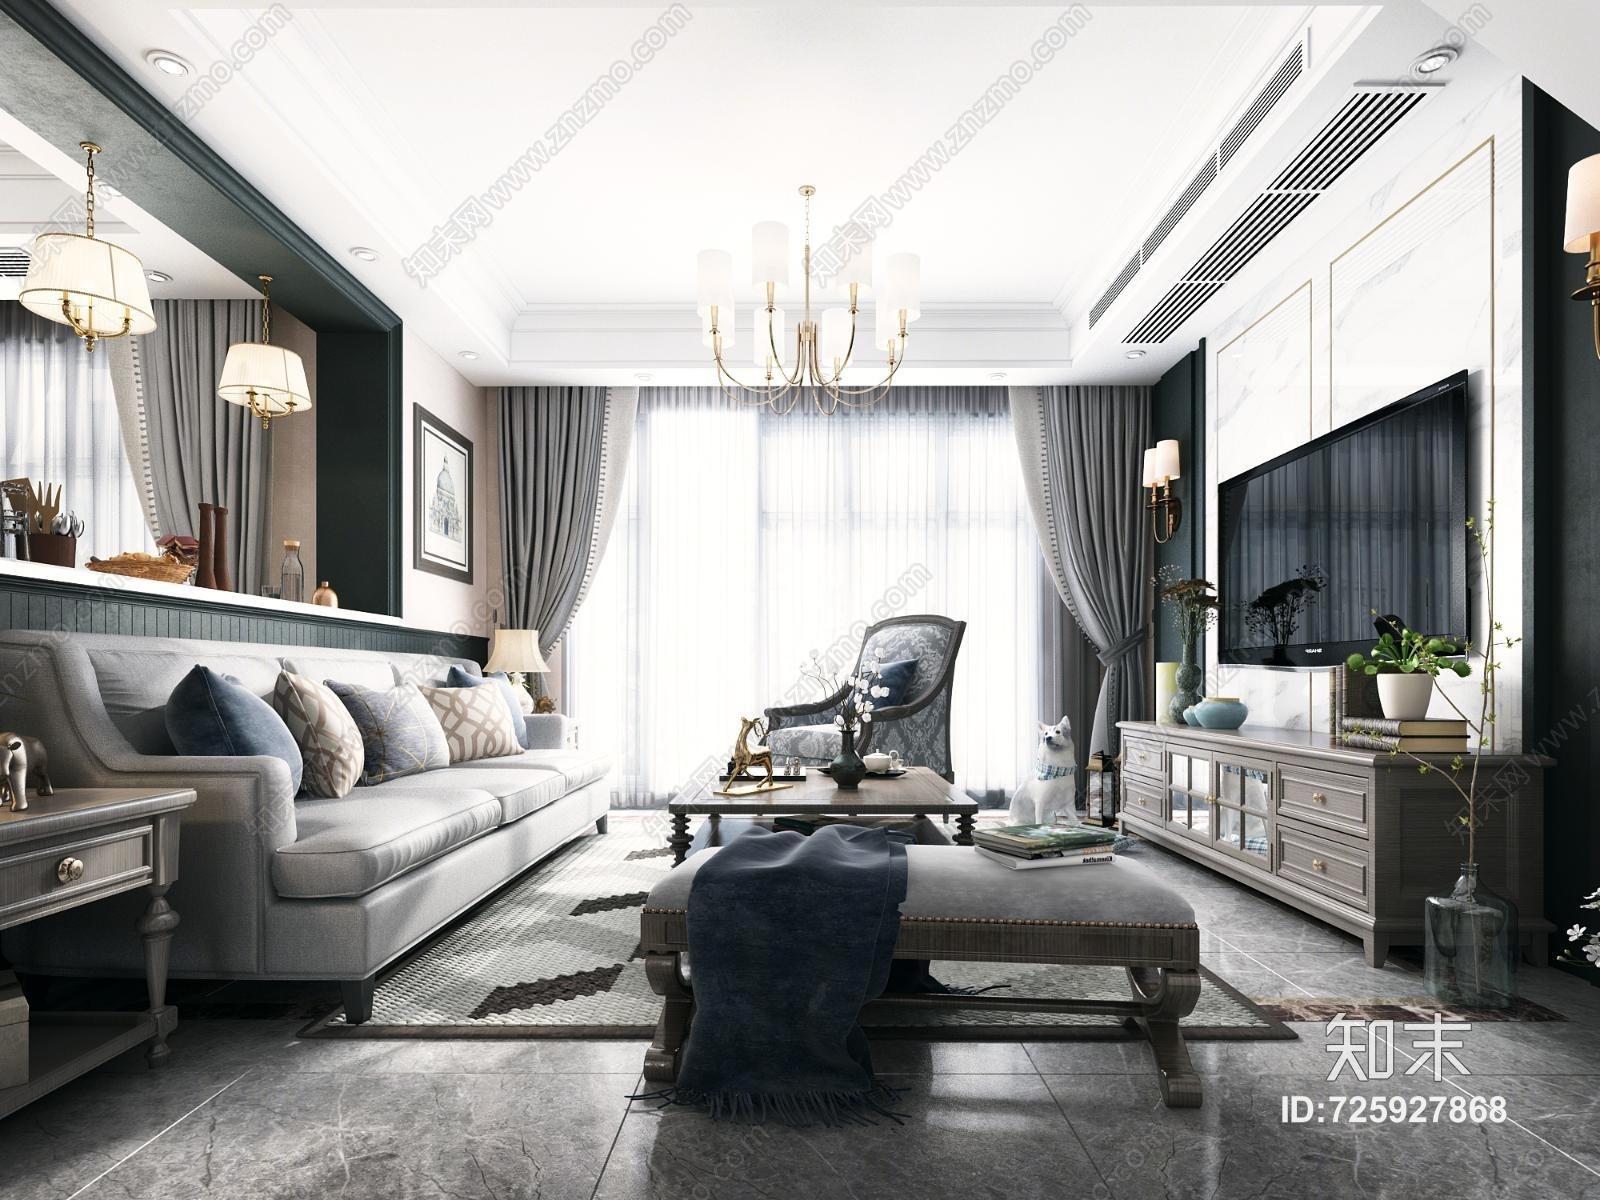 美式客厅 餐厅 酒柜 组合沙发 楼梯 电视柜 厨房 吊灯 餐桌椅